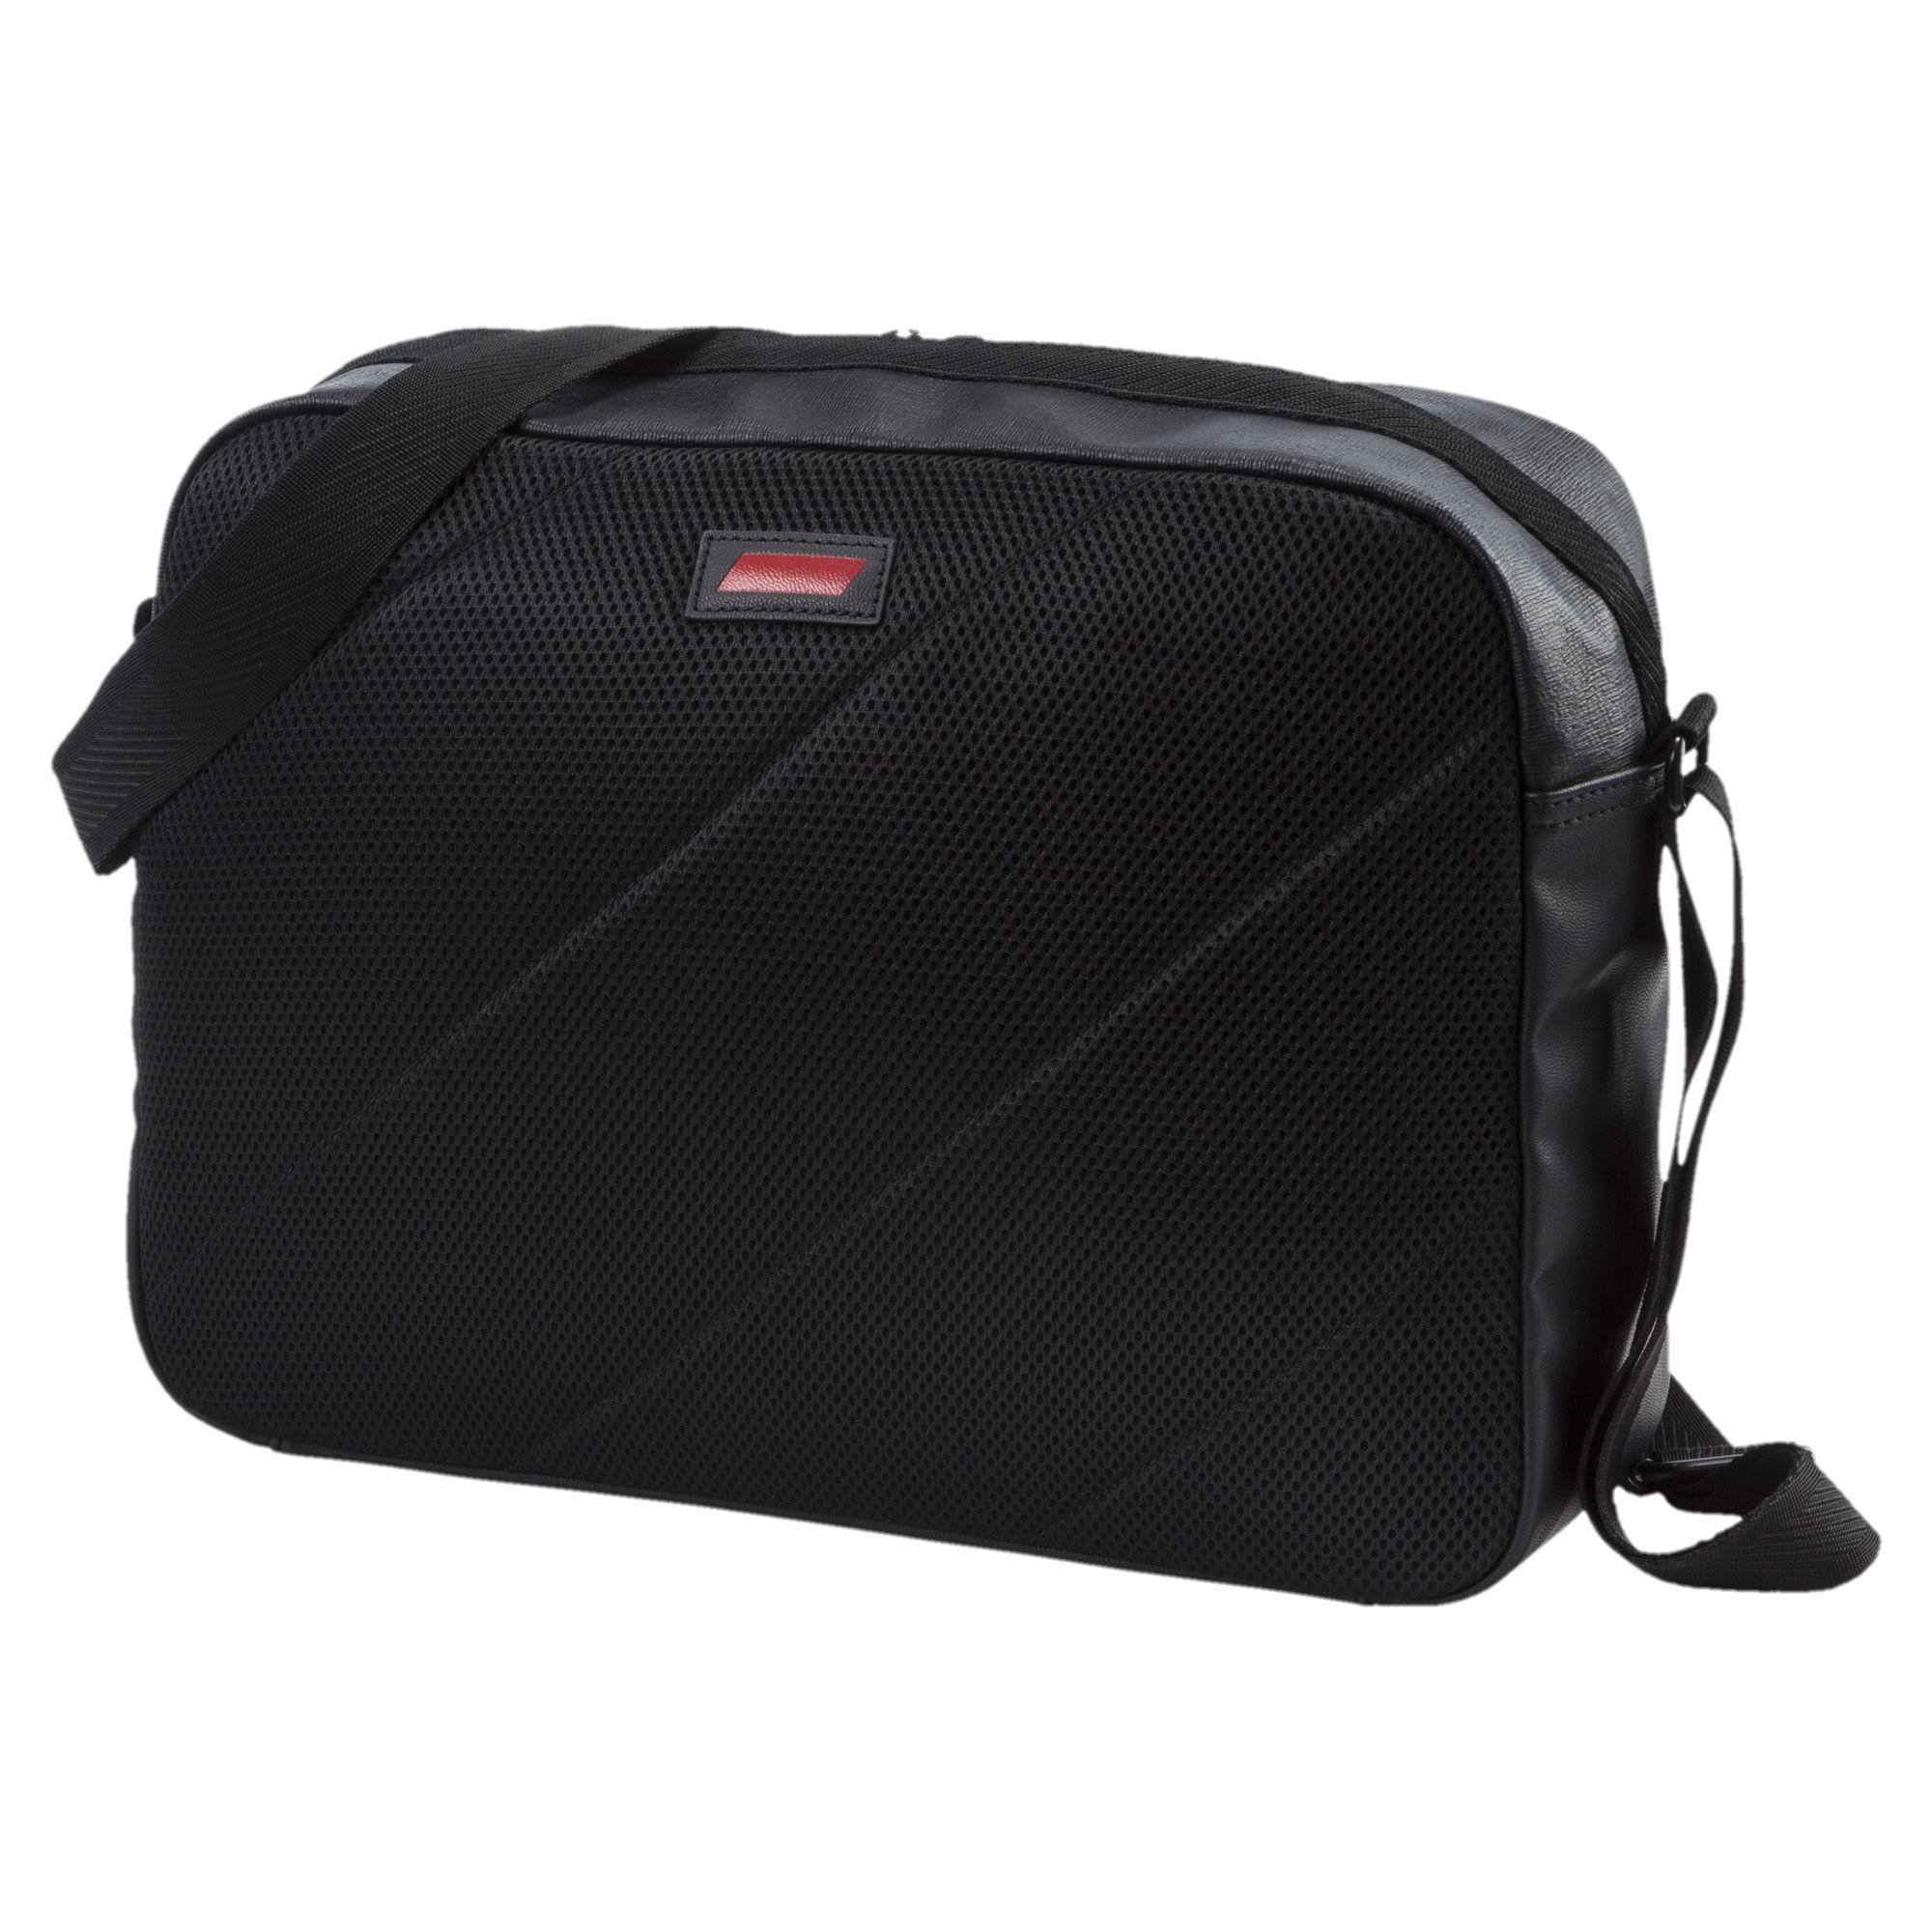 9c2d3164f40 Lyst - PUMA Ferrari Lifestyle Reporter in Black for Men